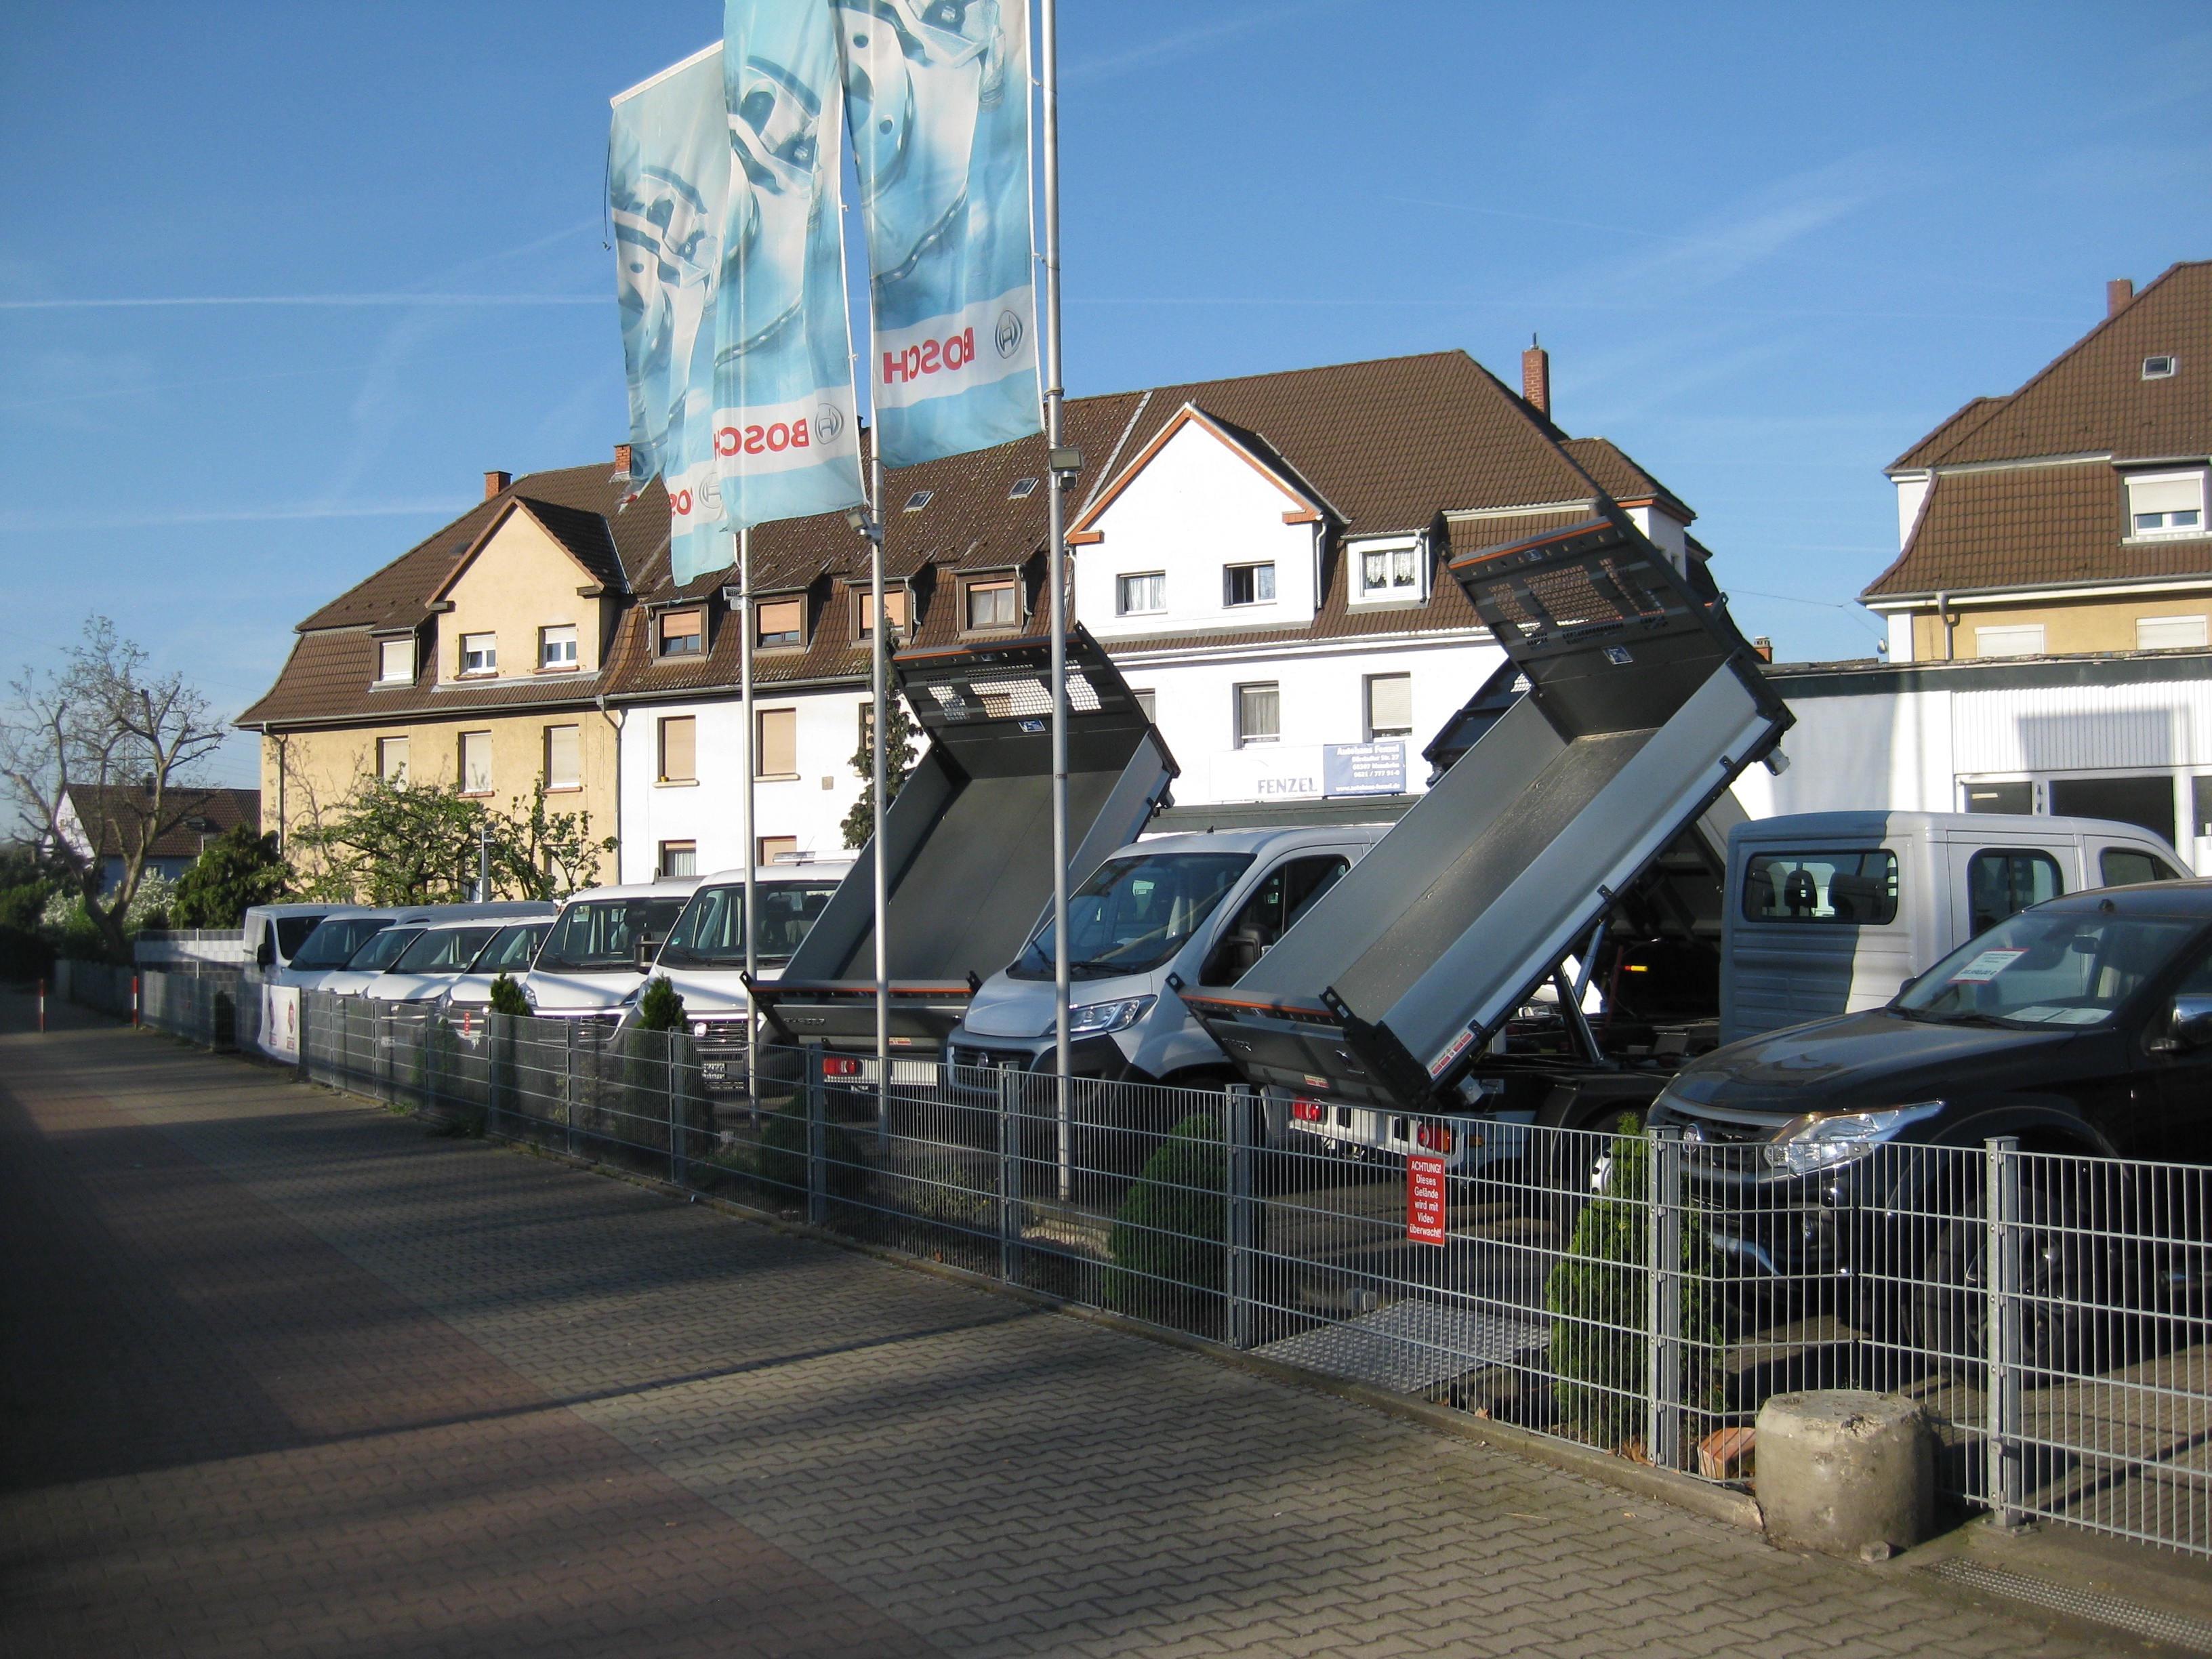 Fotos de Autohaus Fenzel GmbH